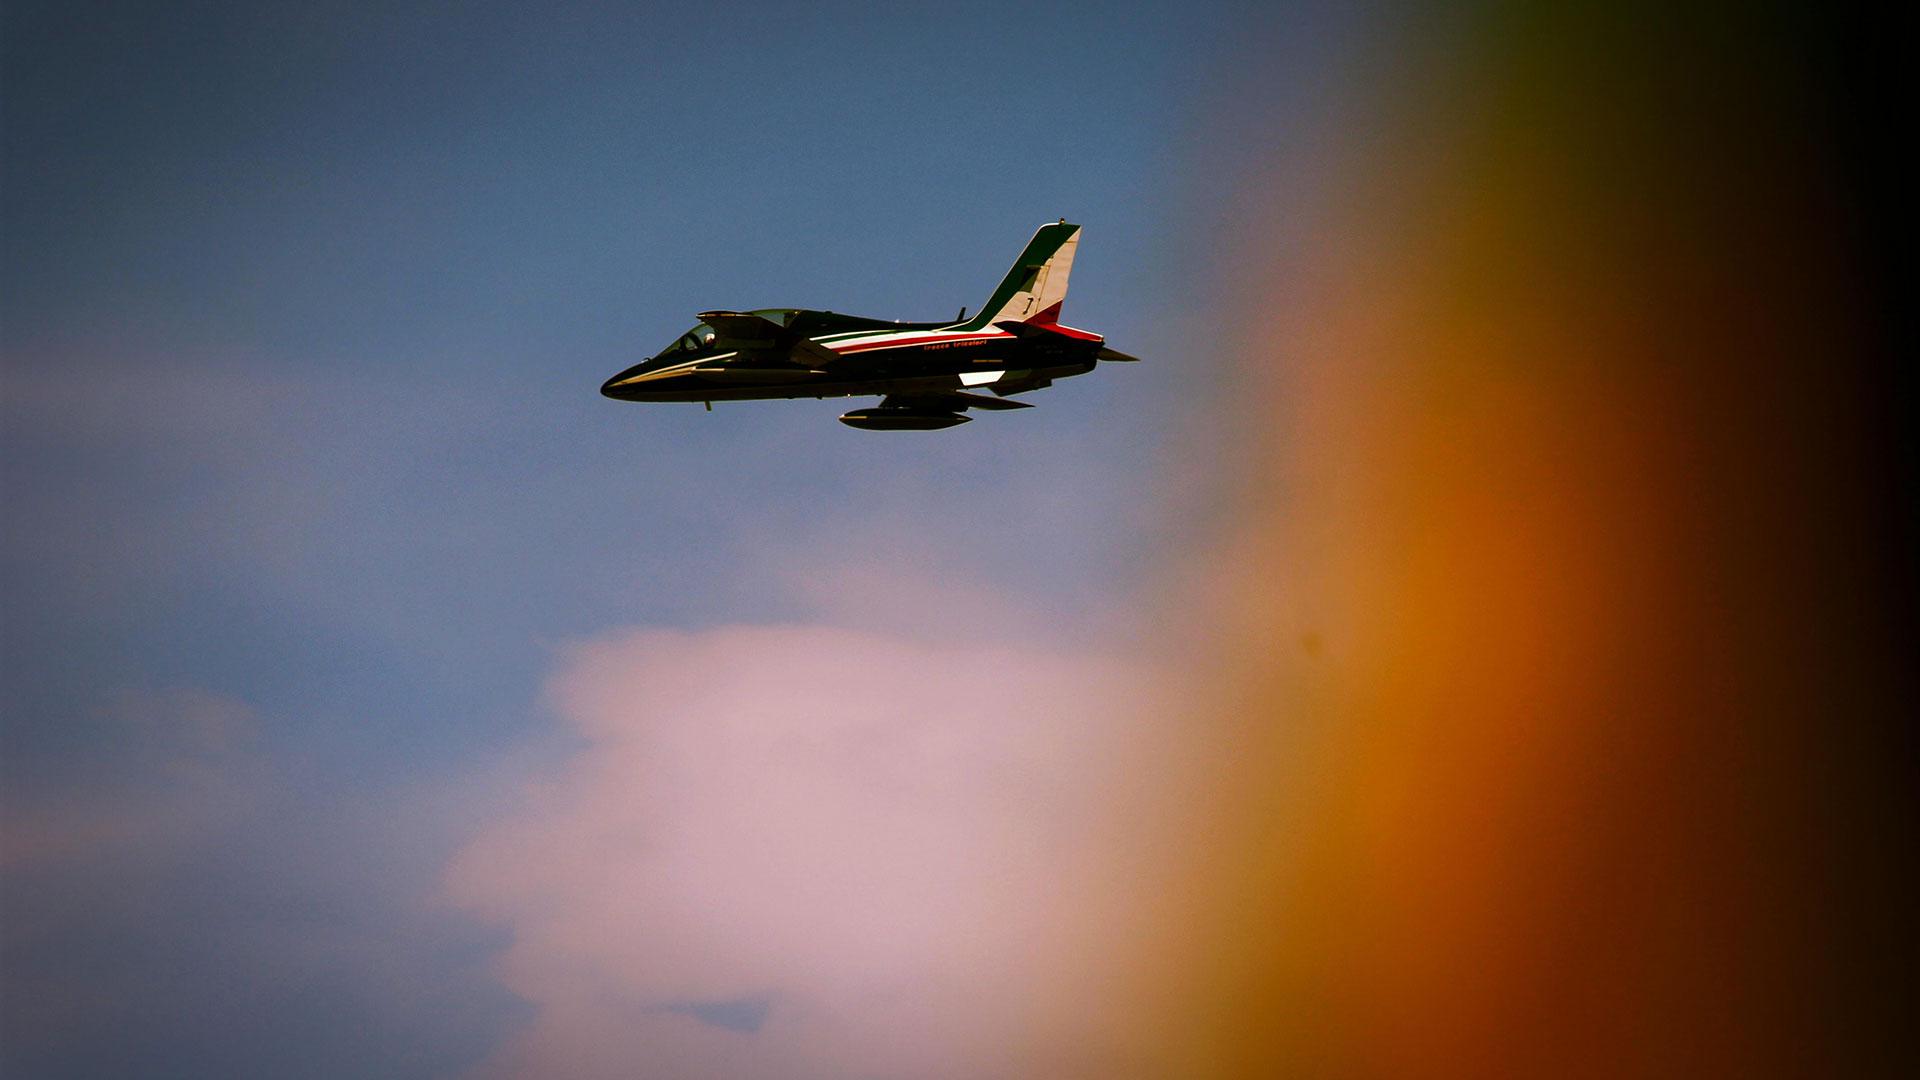 frecce-tricolori-60-anni-pan-pattuglia-acrobatica-nazionale-aeronautica-militare-(25)